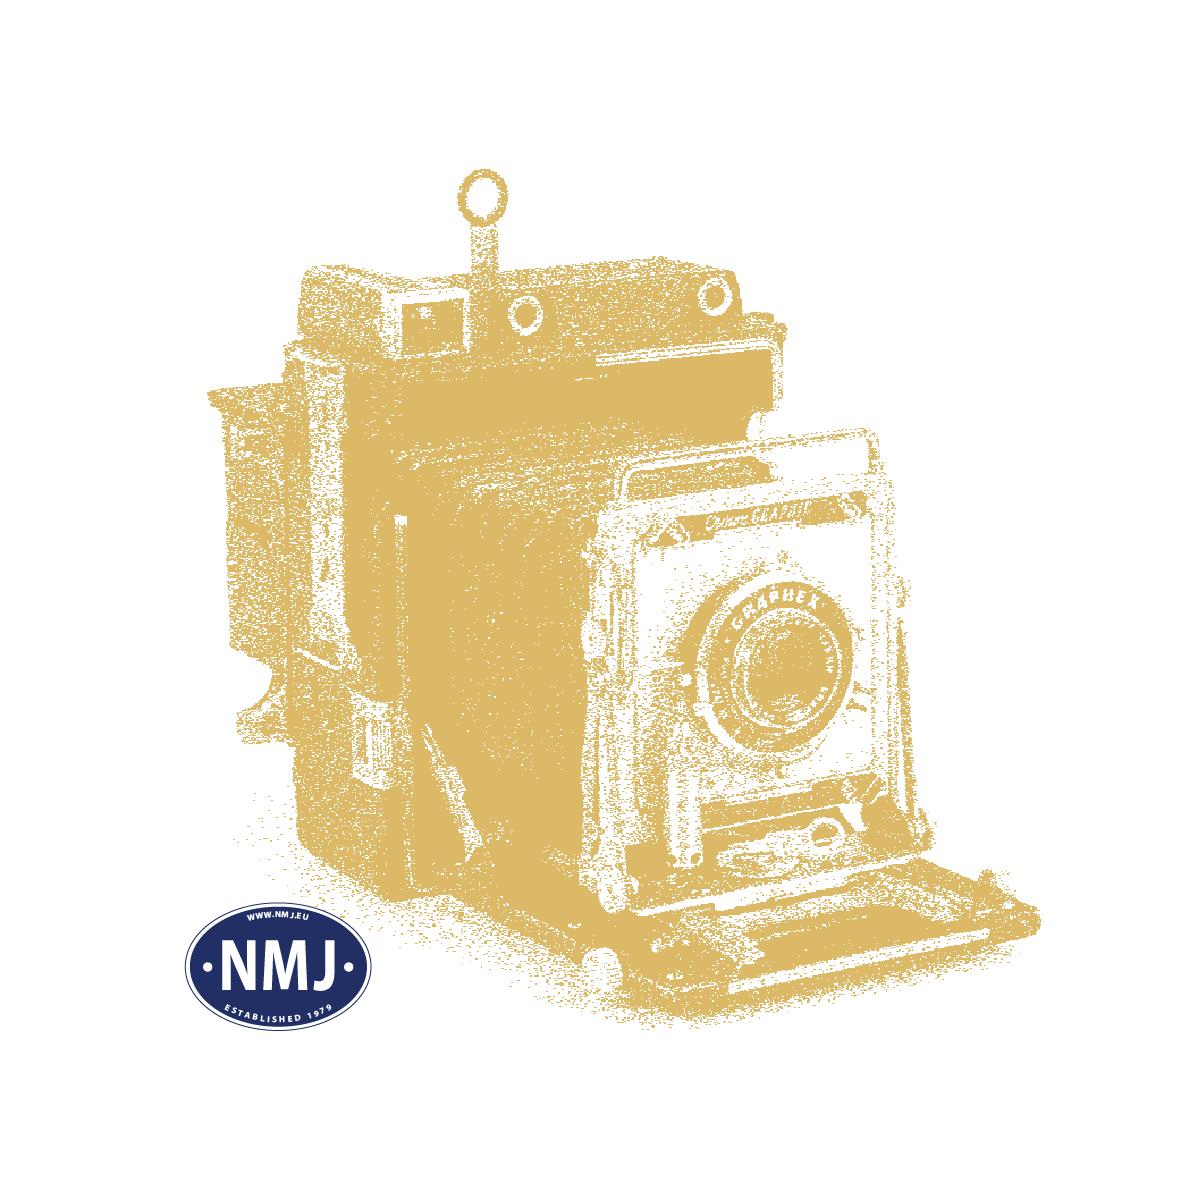 NMJT204.101 - NMJ Topline B1.4817 2.Kl Personenwagen der SJ , weisses SJ Logo